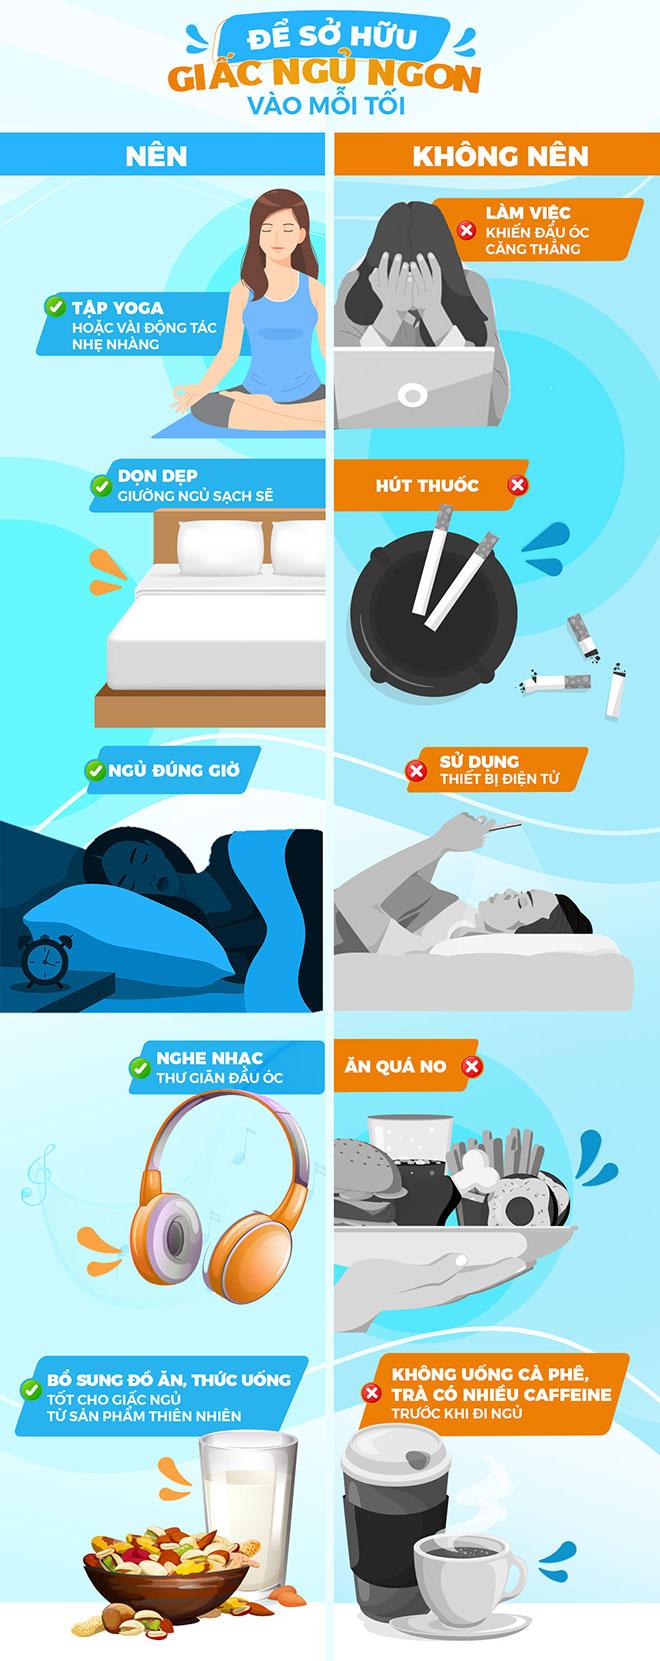 Để có giấc ngủ ngon - Nên hay không nên làm những điều sau đây? - 1